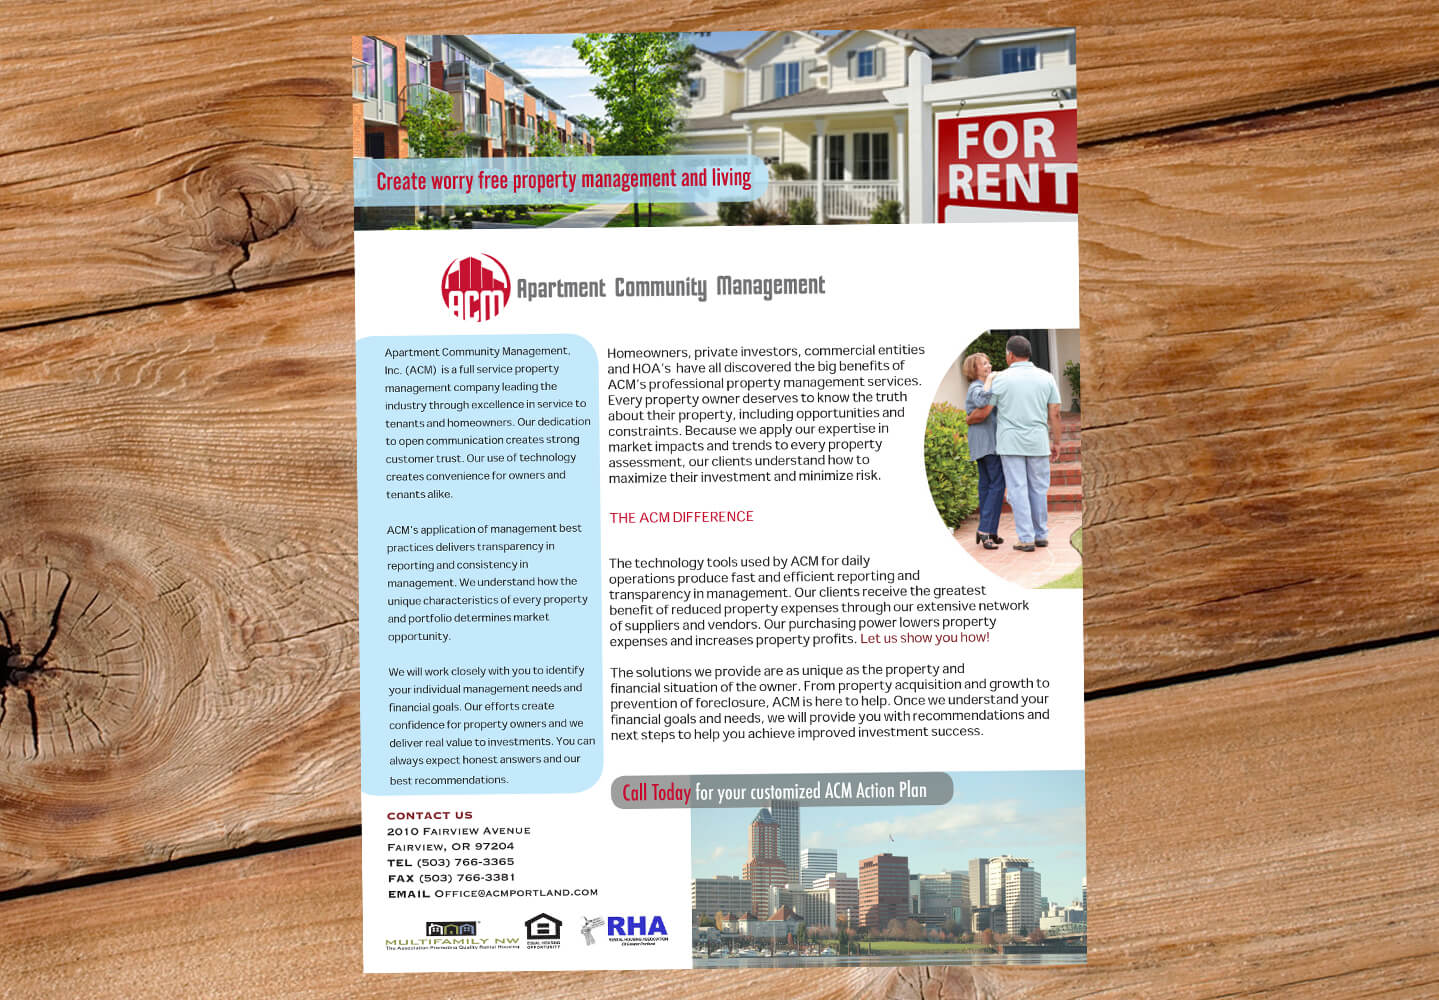 Apartment Community Management single page flier